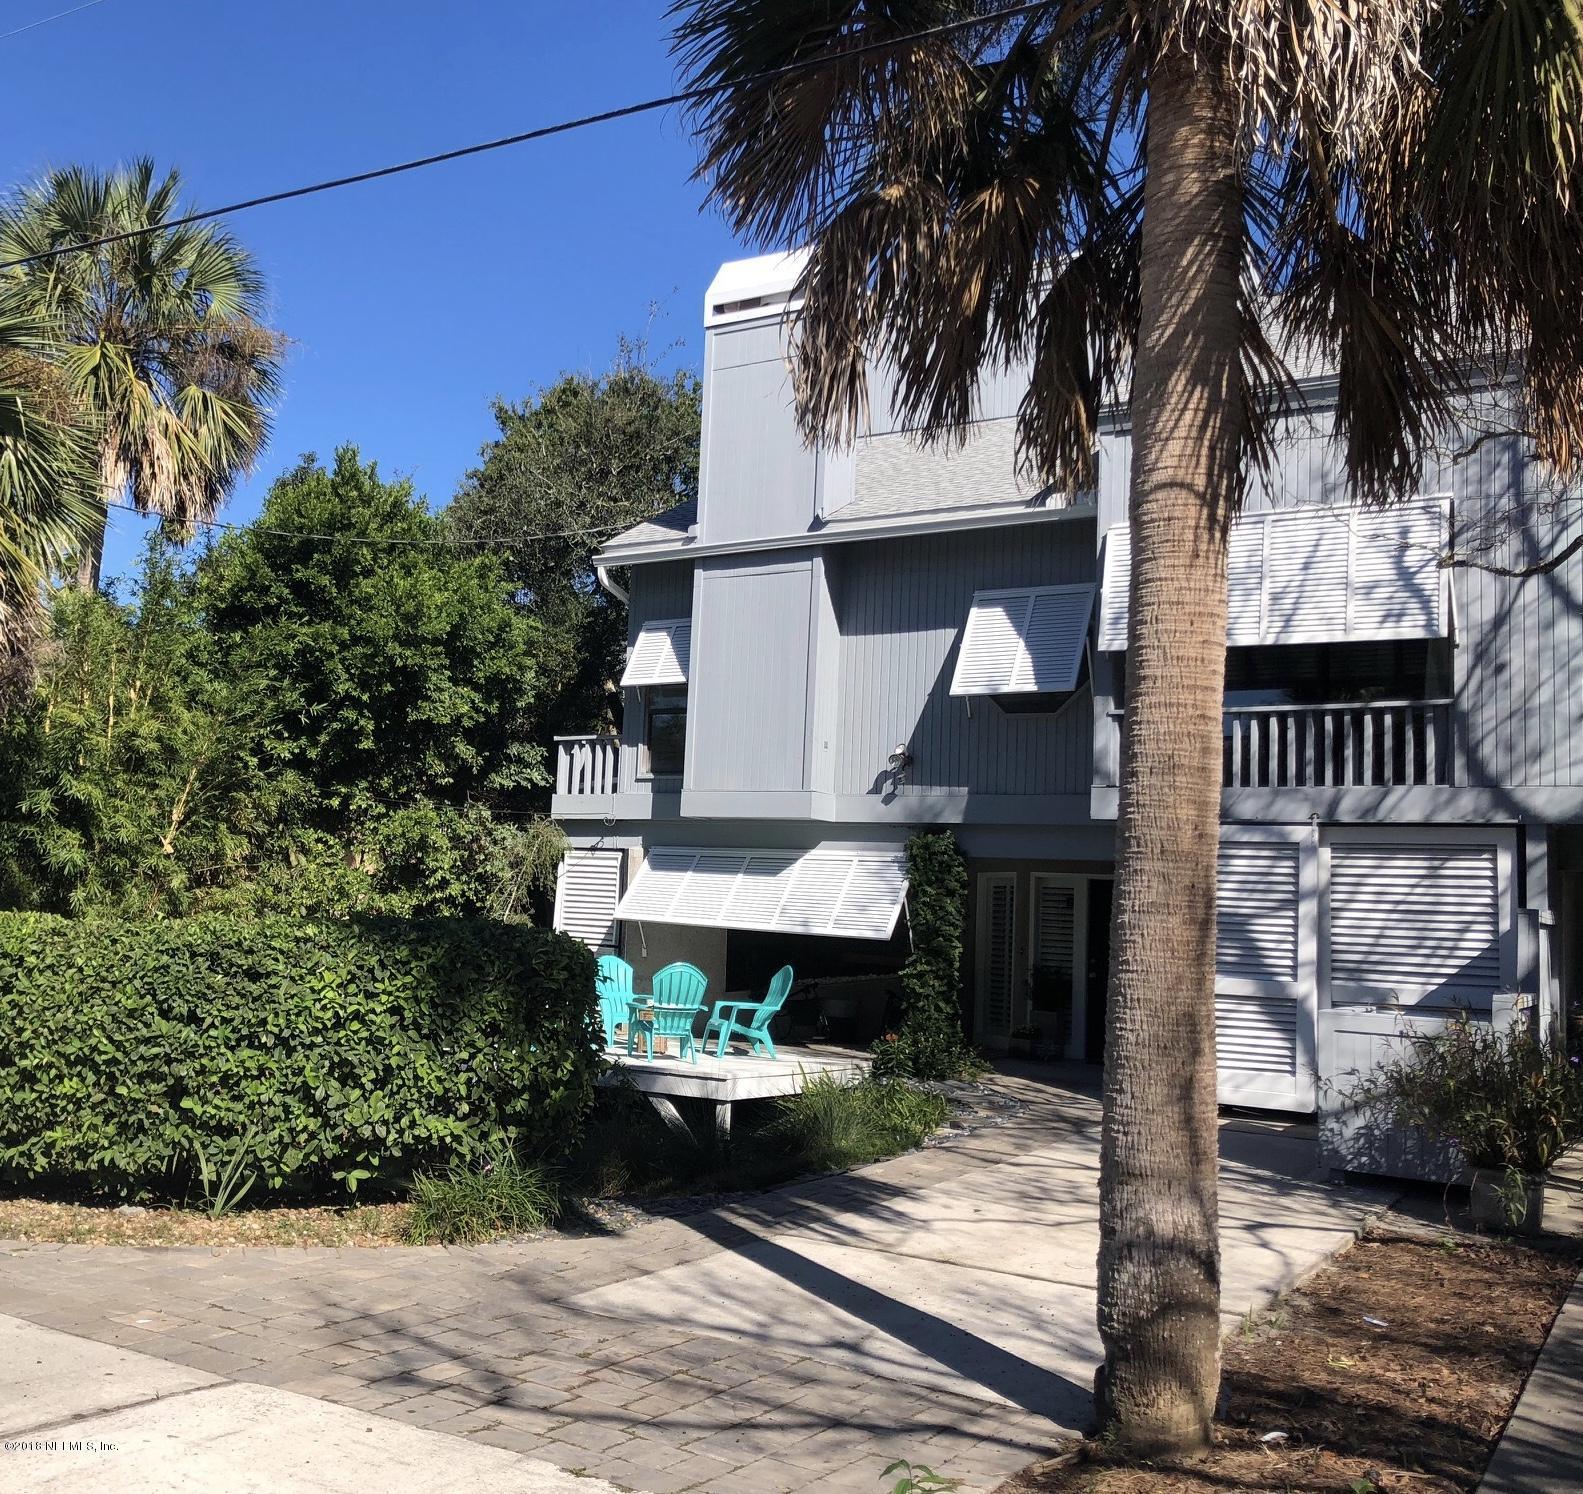 2131 SEMINOLE, ATLANTIC BEACH, FLORIDA 32233, 3 Bedrooms Bedrooms, ,3 BathroomsBathrooms,Residential - single family,For sale,SEMINOLE,966284